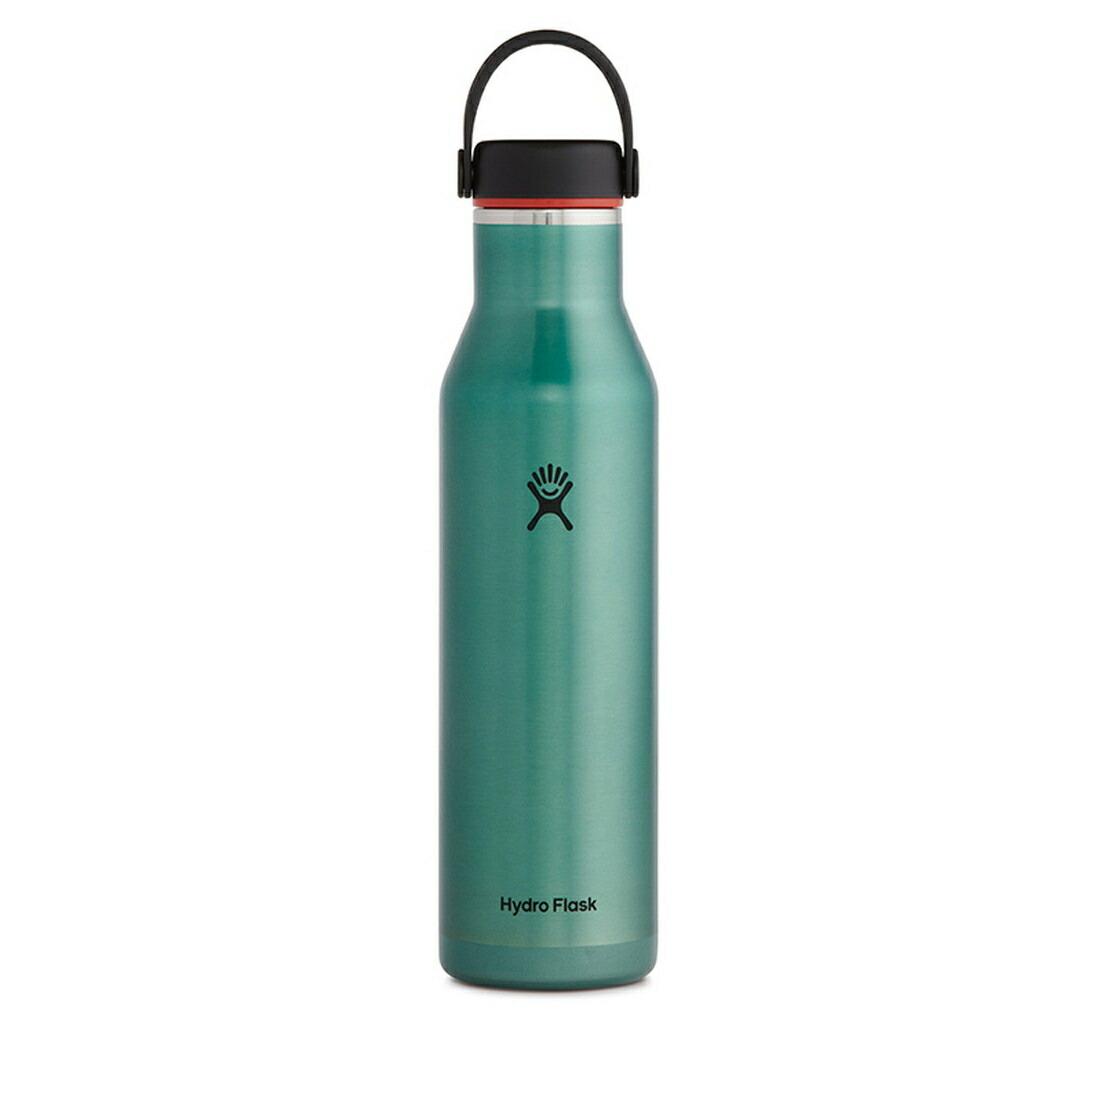 ハイドロフラスク ライトウエイト スタンダードマウス21oz 保温 保冷 ボトル 水筒  国内正規品